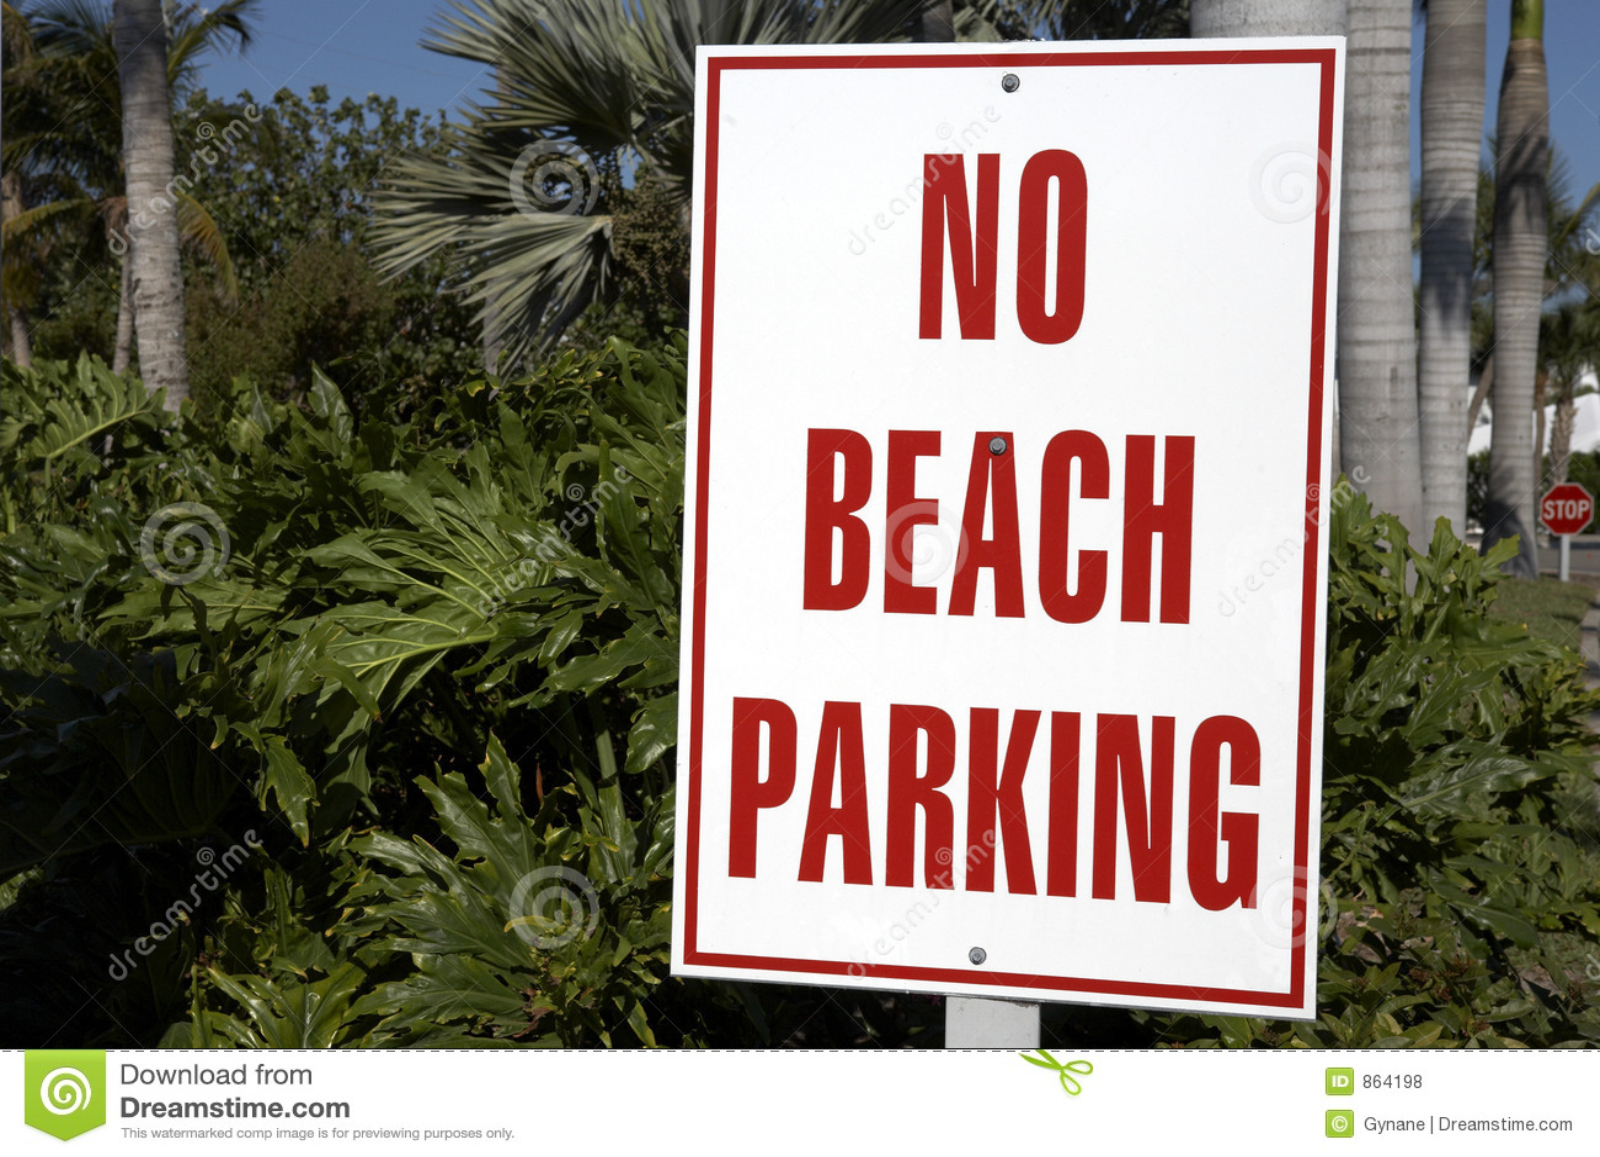 Beach no parking sign